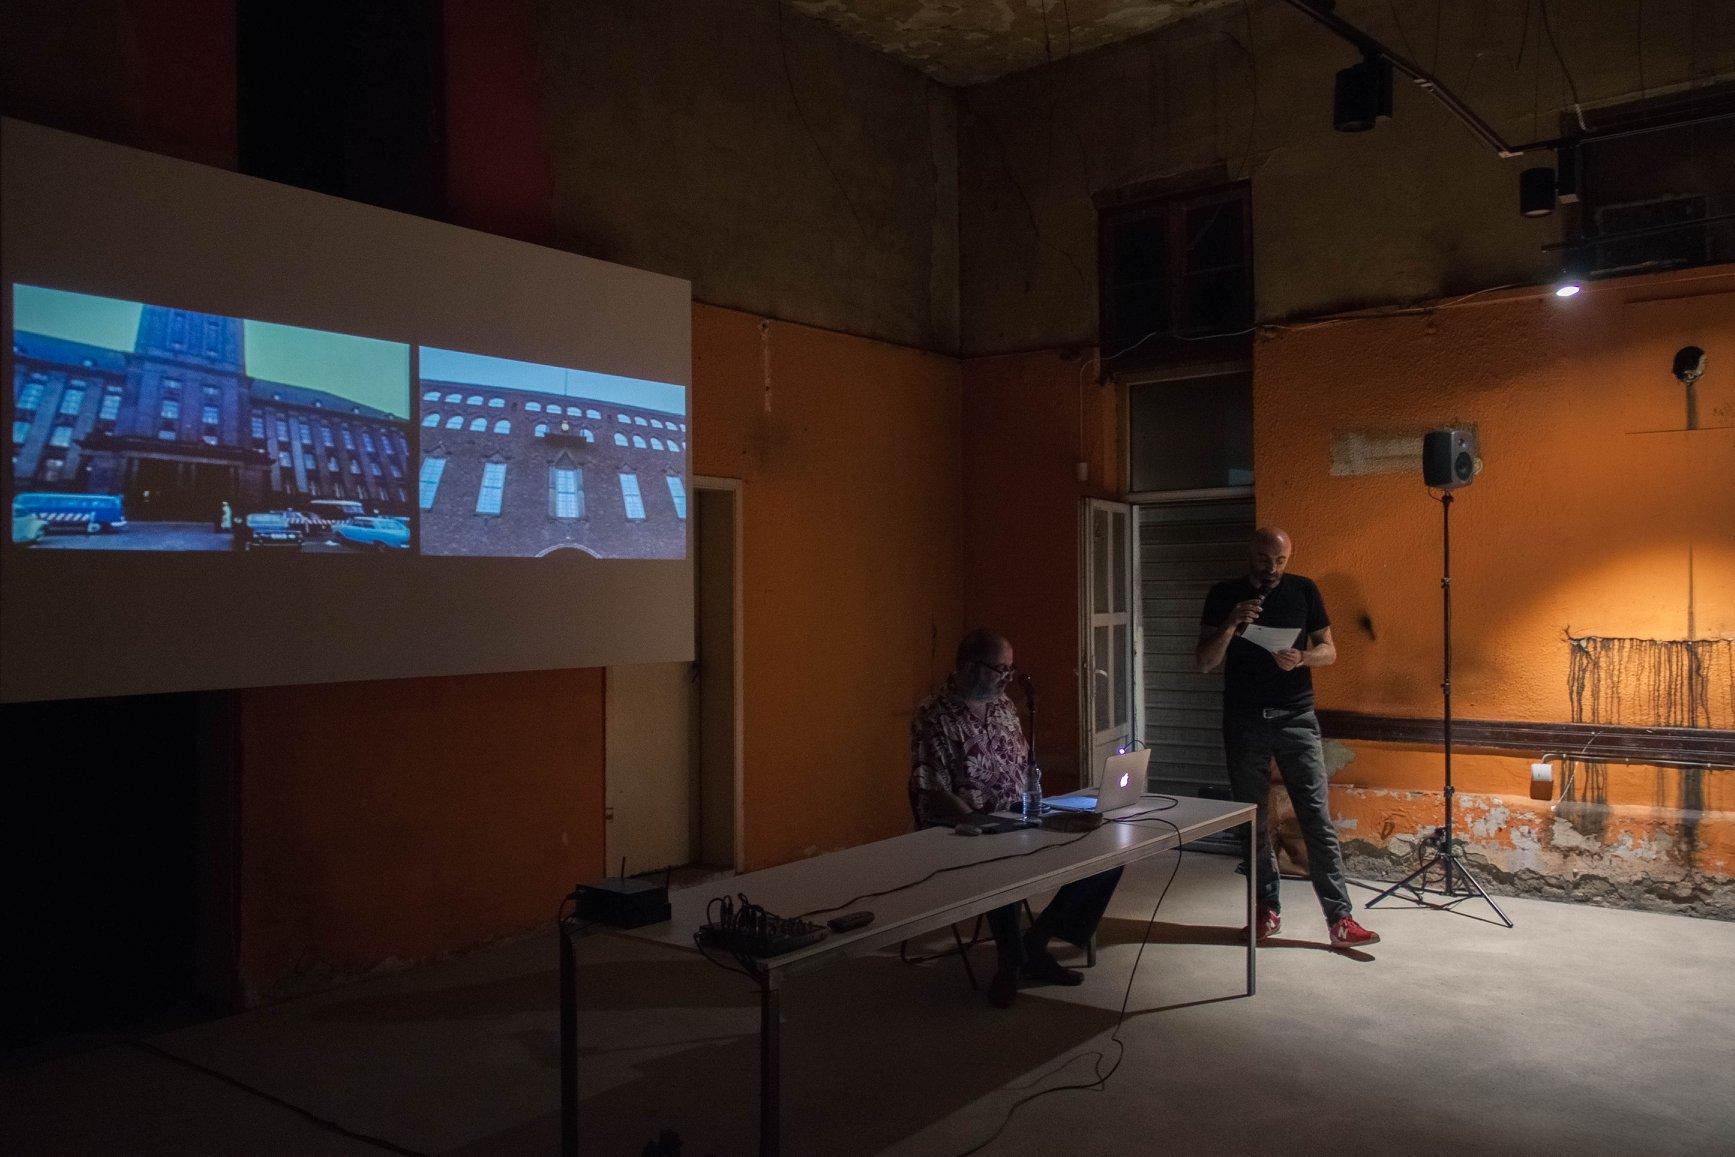 Felix Gmelin: Ju urojmë Mirëseardhje në një Ditë Aktive, Inspiruese dhe Pjesëmarrëse/Interaktive!